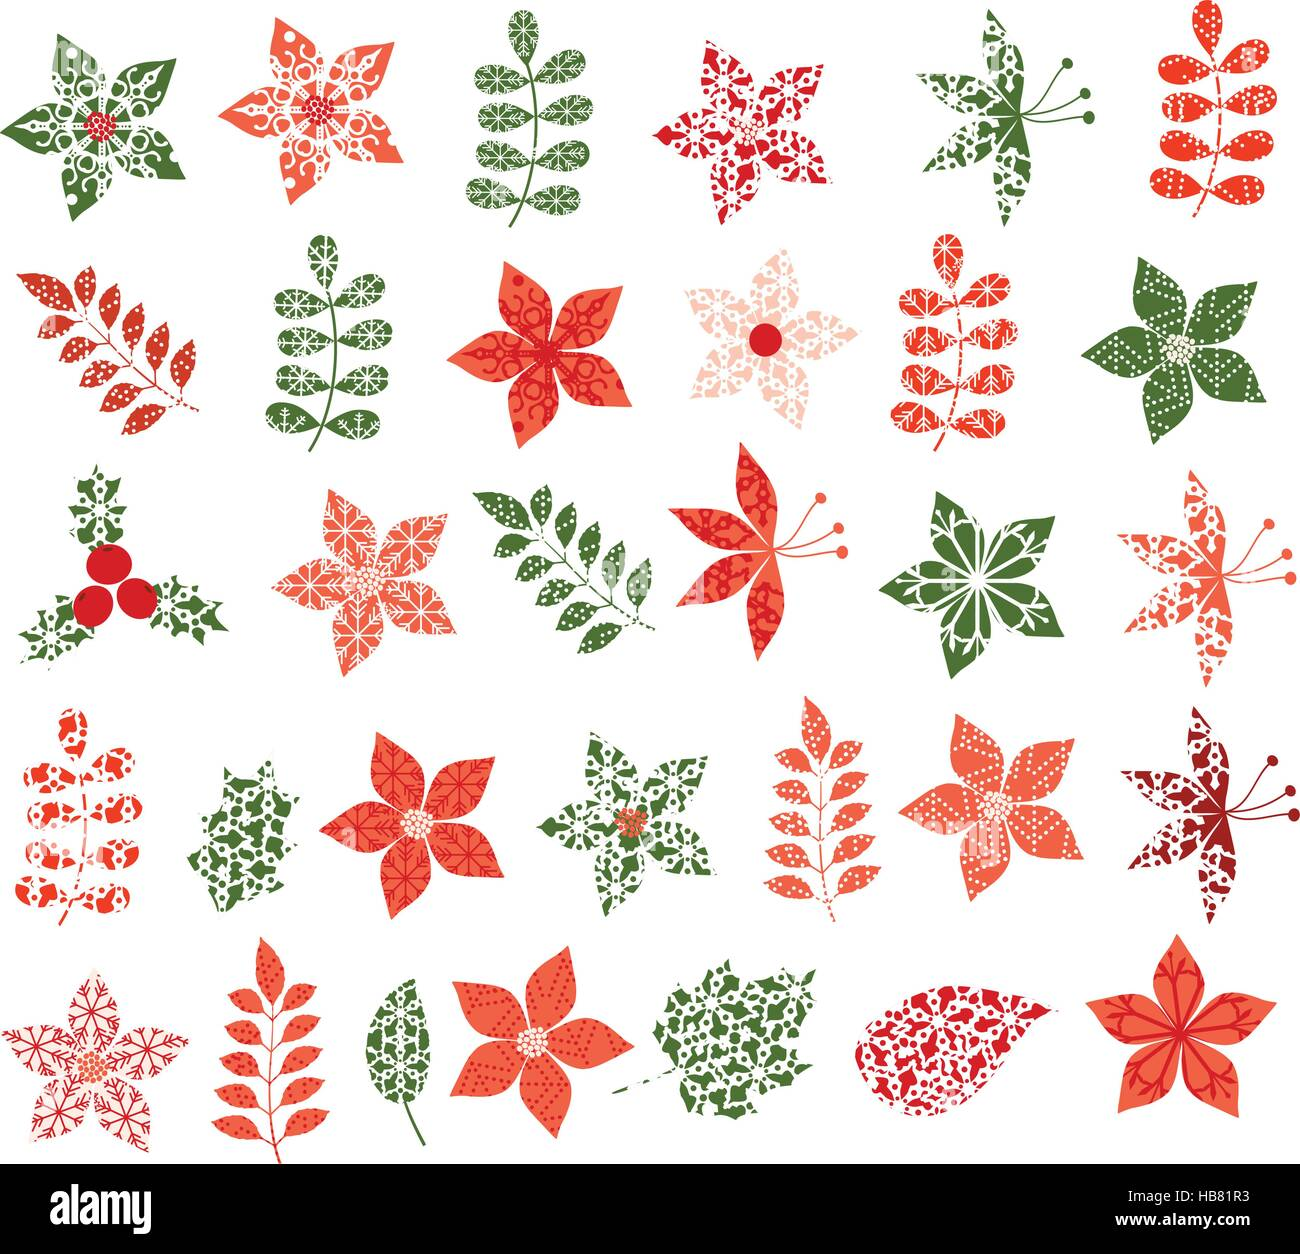 De invierno y Navidad flores, hojas y ramas en colores rojo y verde ...